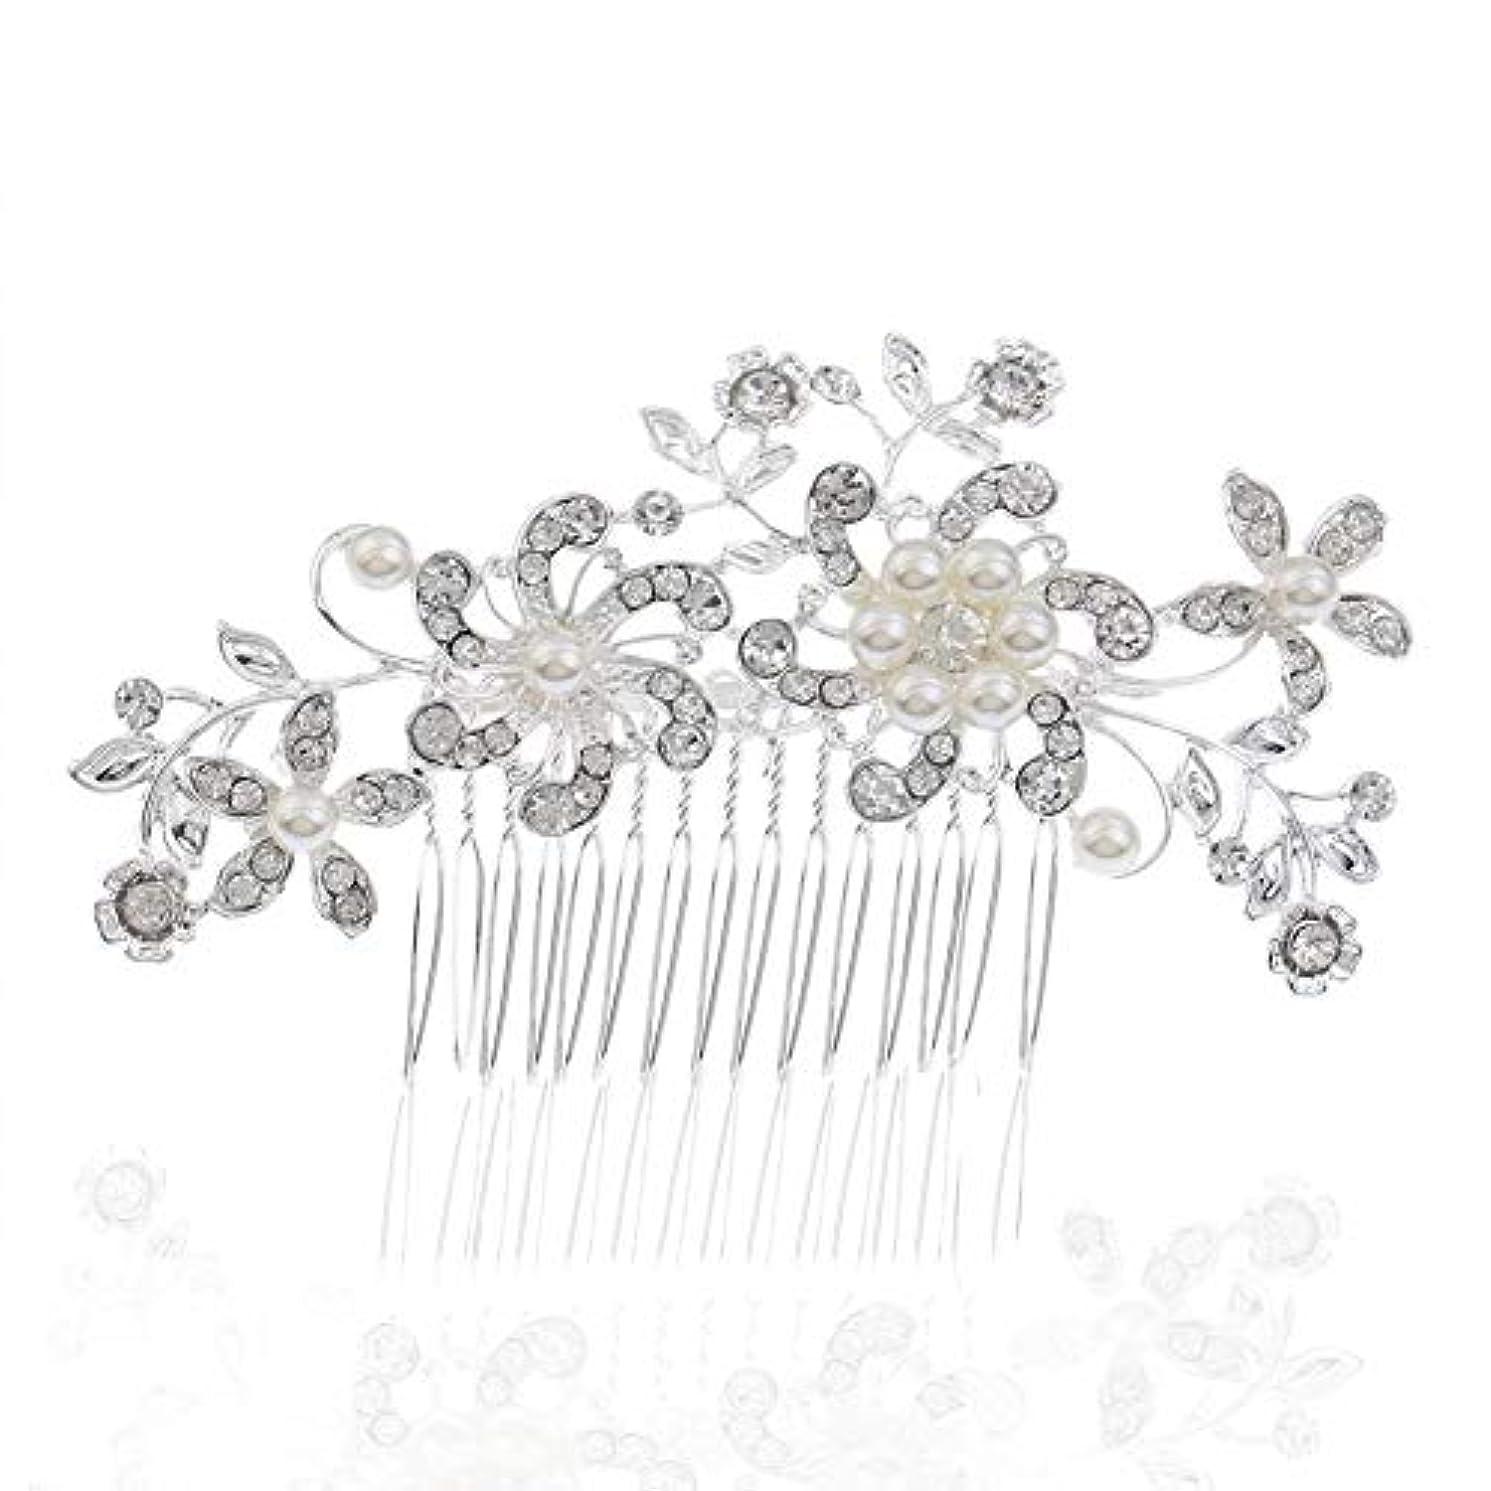 シニス明らか実施するOnior ブライダル 新婦 頭飾り 模造花 ラインストーン 真珠 ヘアピン ヘアクリップ 櫛 ジュエリー ウェディング 結婚式アクセサリー